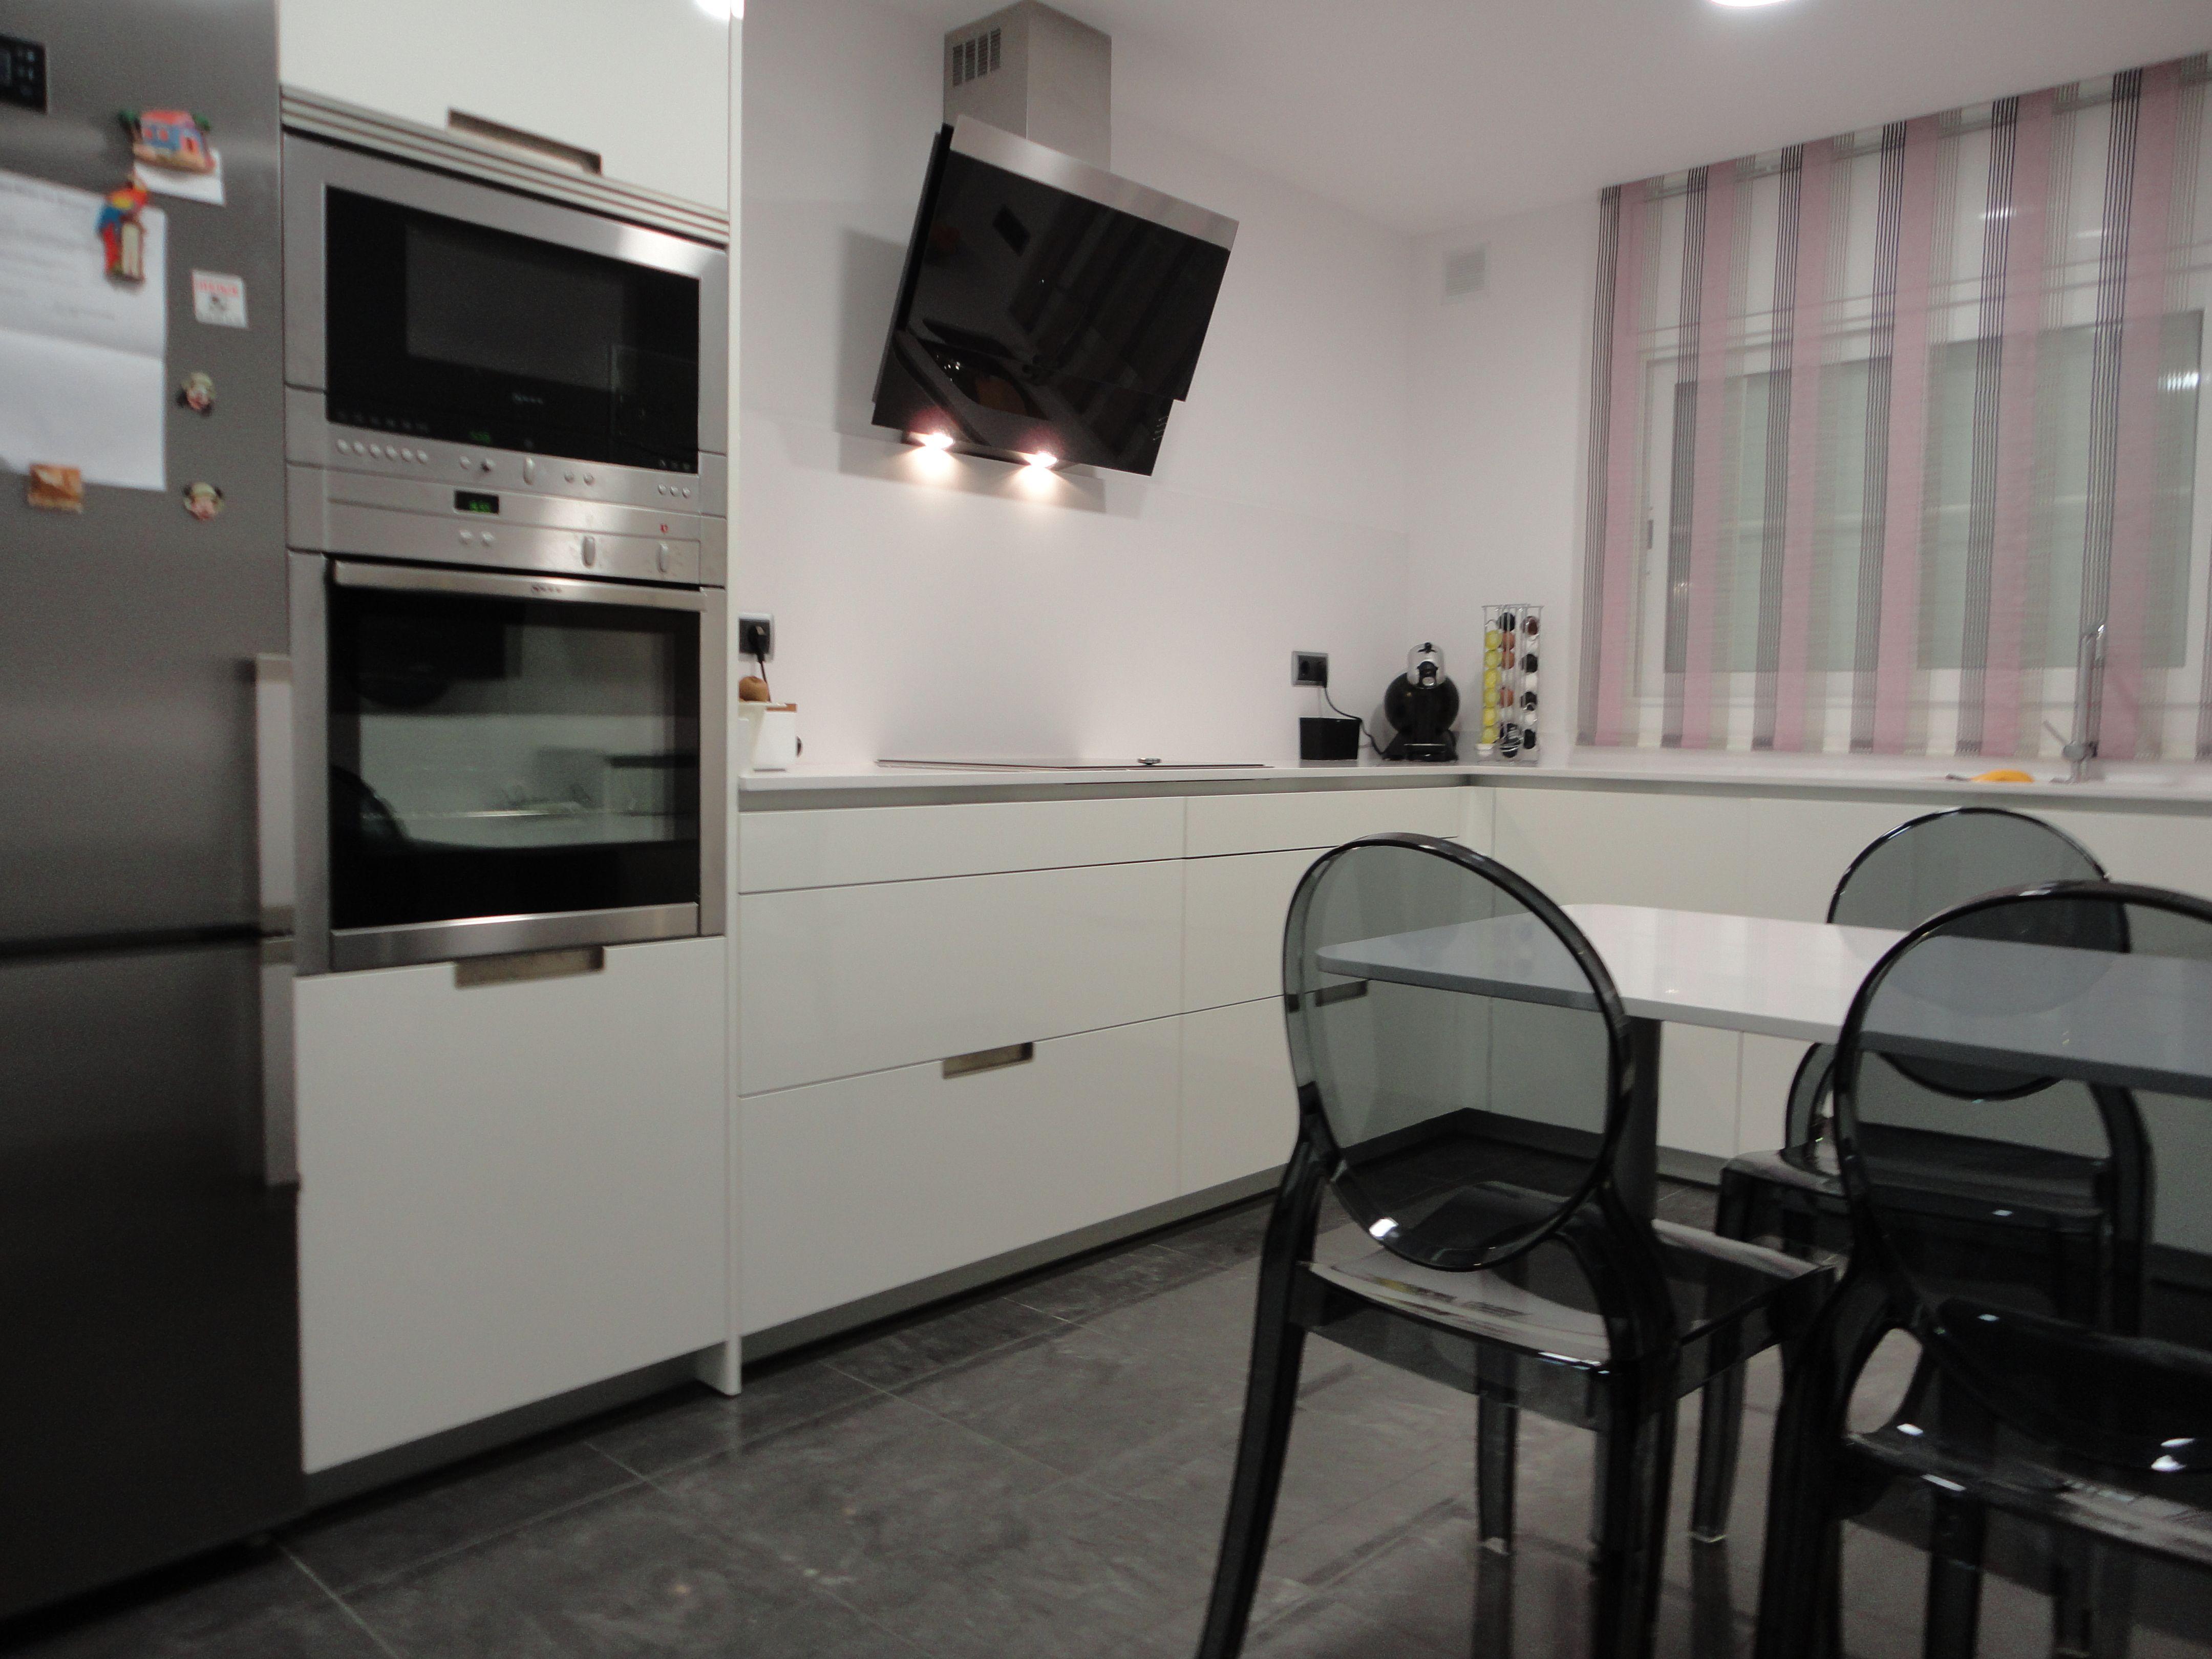 Reforma cocina m o mobiliario santos minos l blanco brillo campana decorativa cristal negro - Cocina con campana decorativa ...